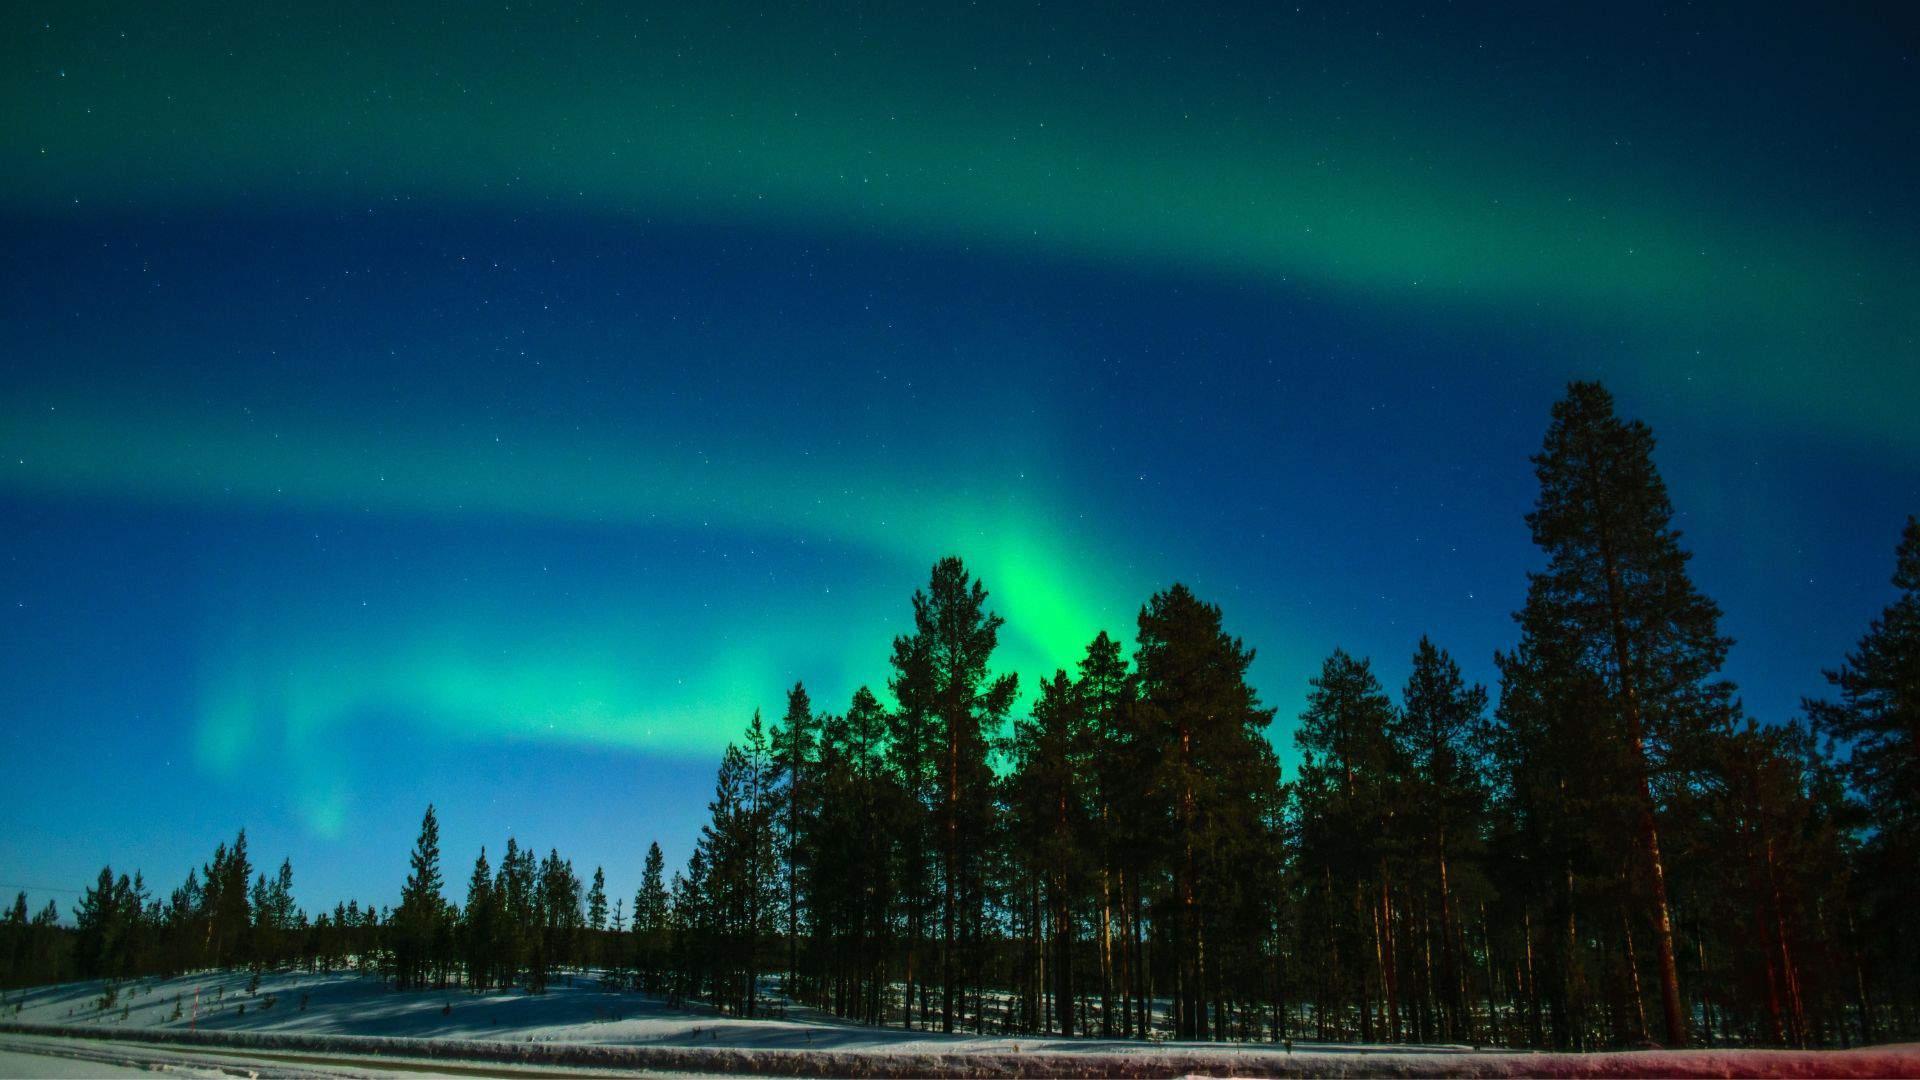 Laplandija - tai viena iš vietų, kur galima pamatyti įspūdingą gamtos reiškinį - Šiaurės Pašvaistę